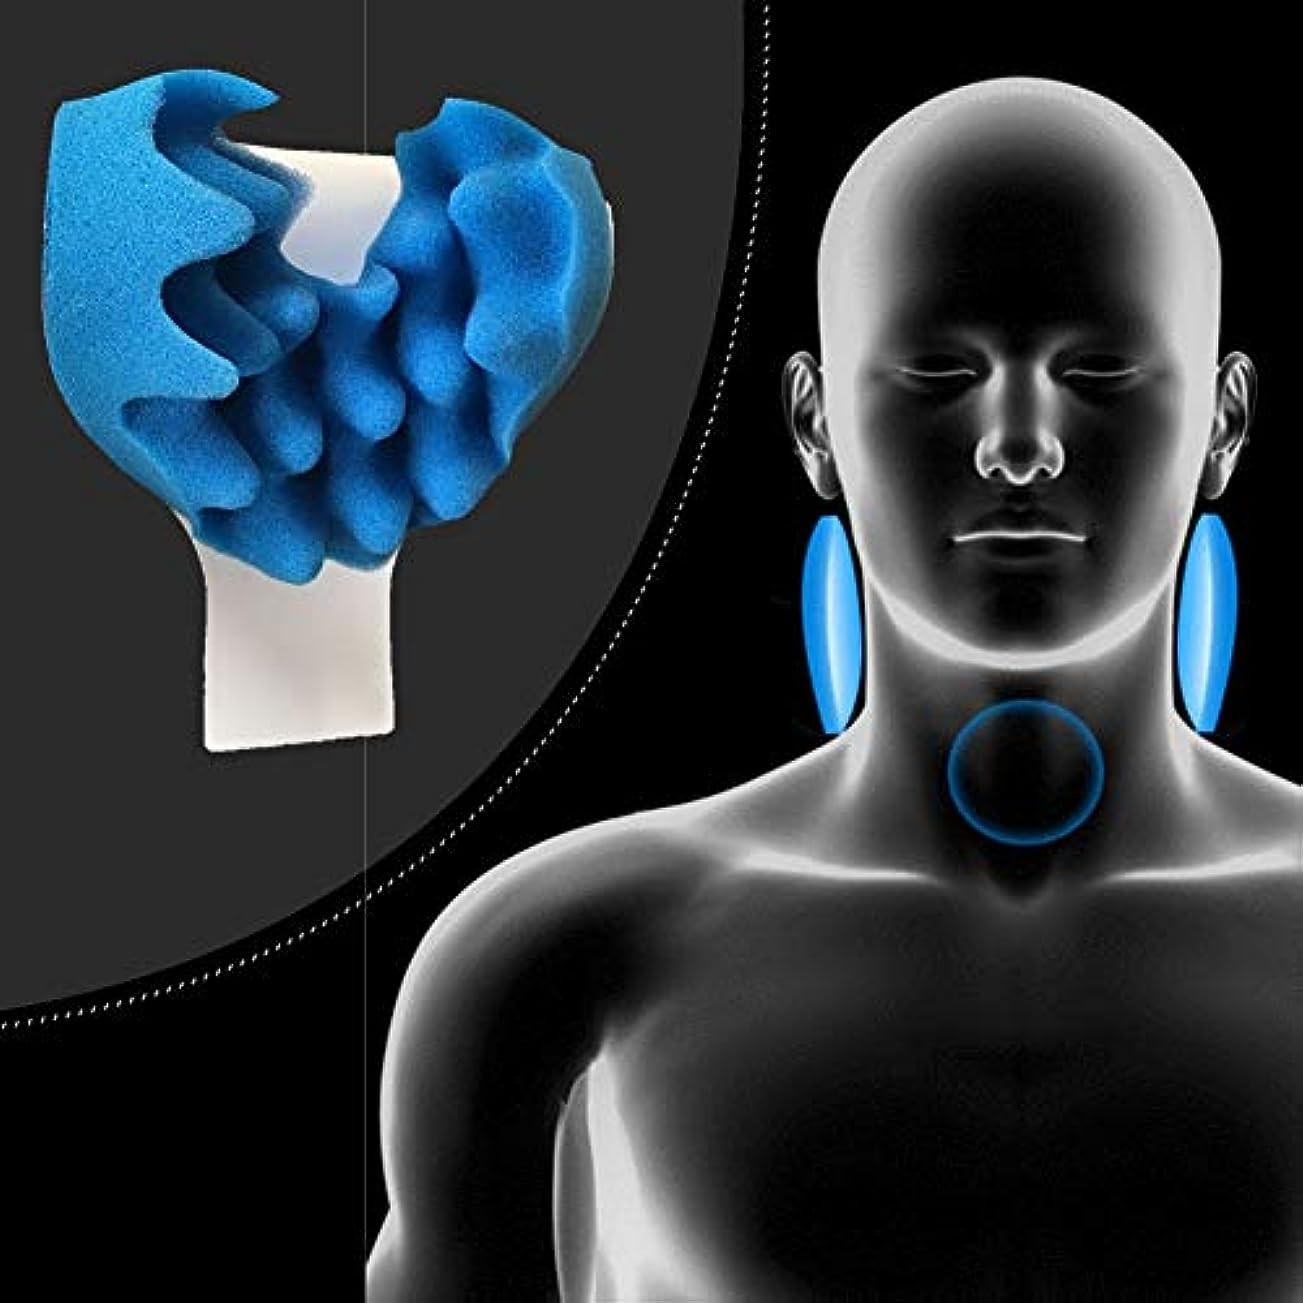 真実人質腫瘍TerGOOSE マッサージ枕 マッサージ機 首マッサージャー マッサージ器 マッサージ枕 マッサージクッション 枕ピロー 新しい 新タイプ 肩こり 頚椎 多機能 ストレス 首肩こり解消 疲労 痛み 軽減 人気